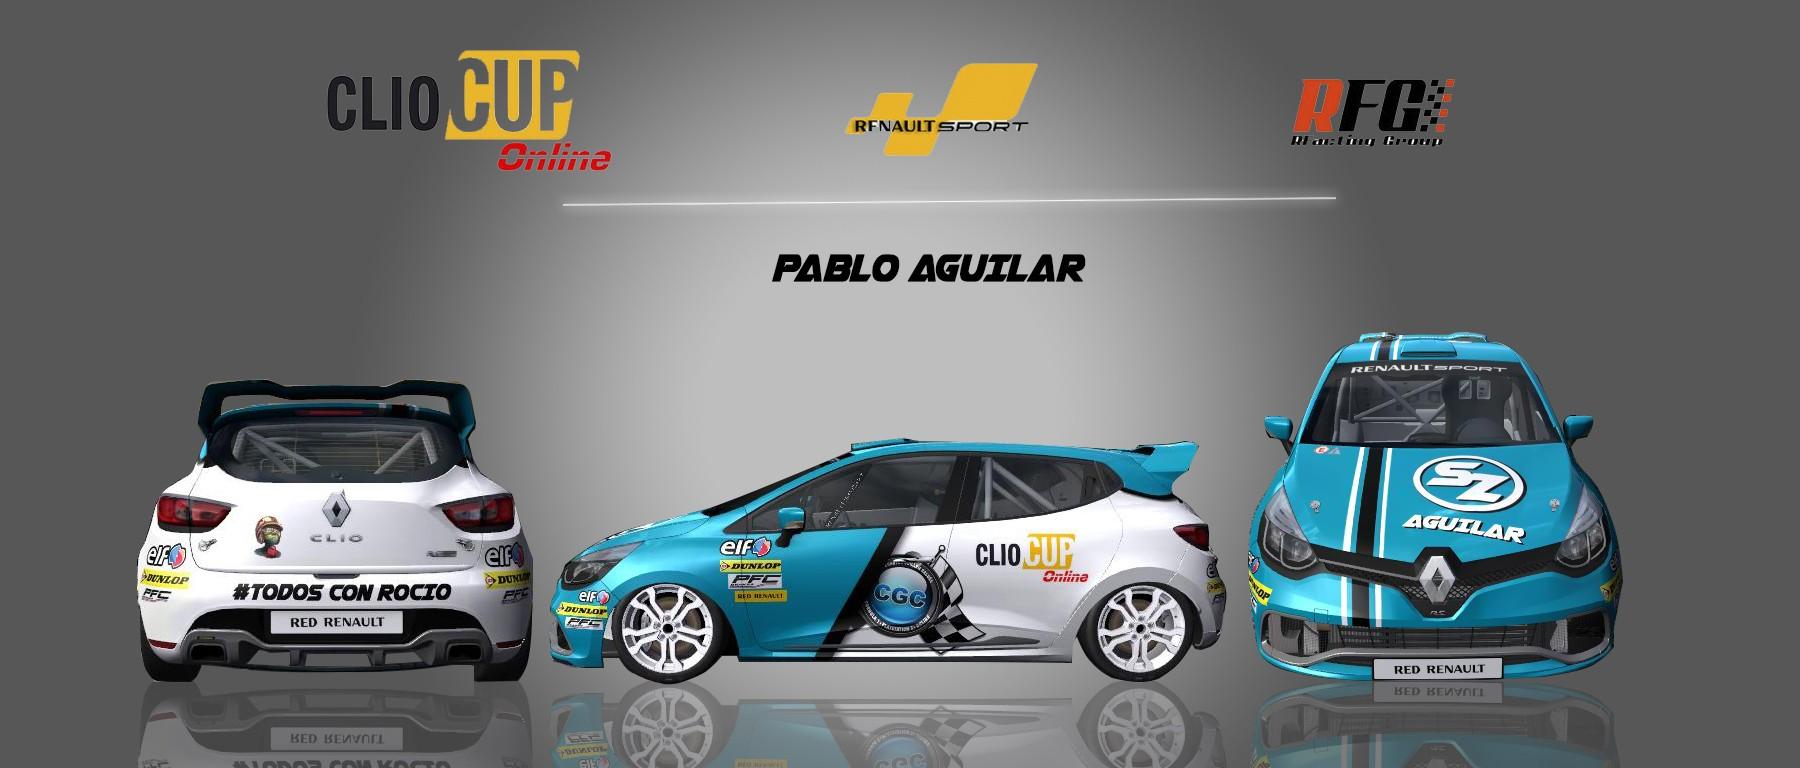 Clio Cup Online. Competición oficial - Página 2 Presen11